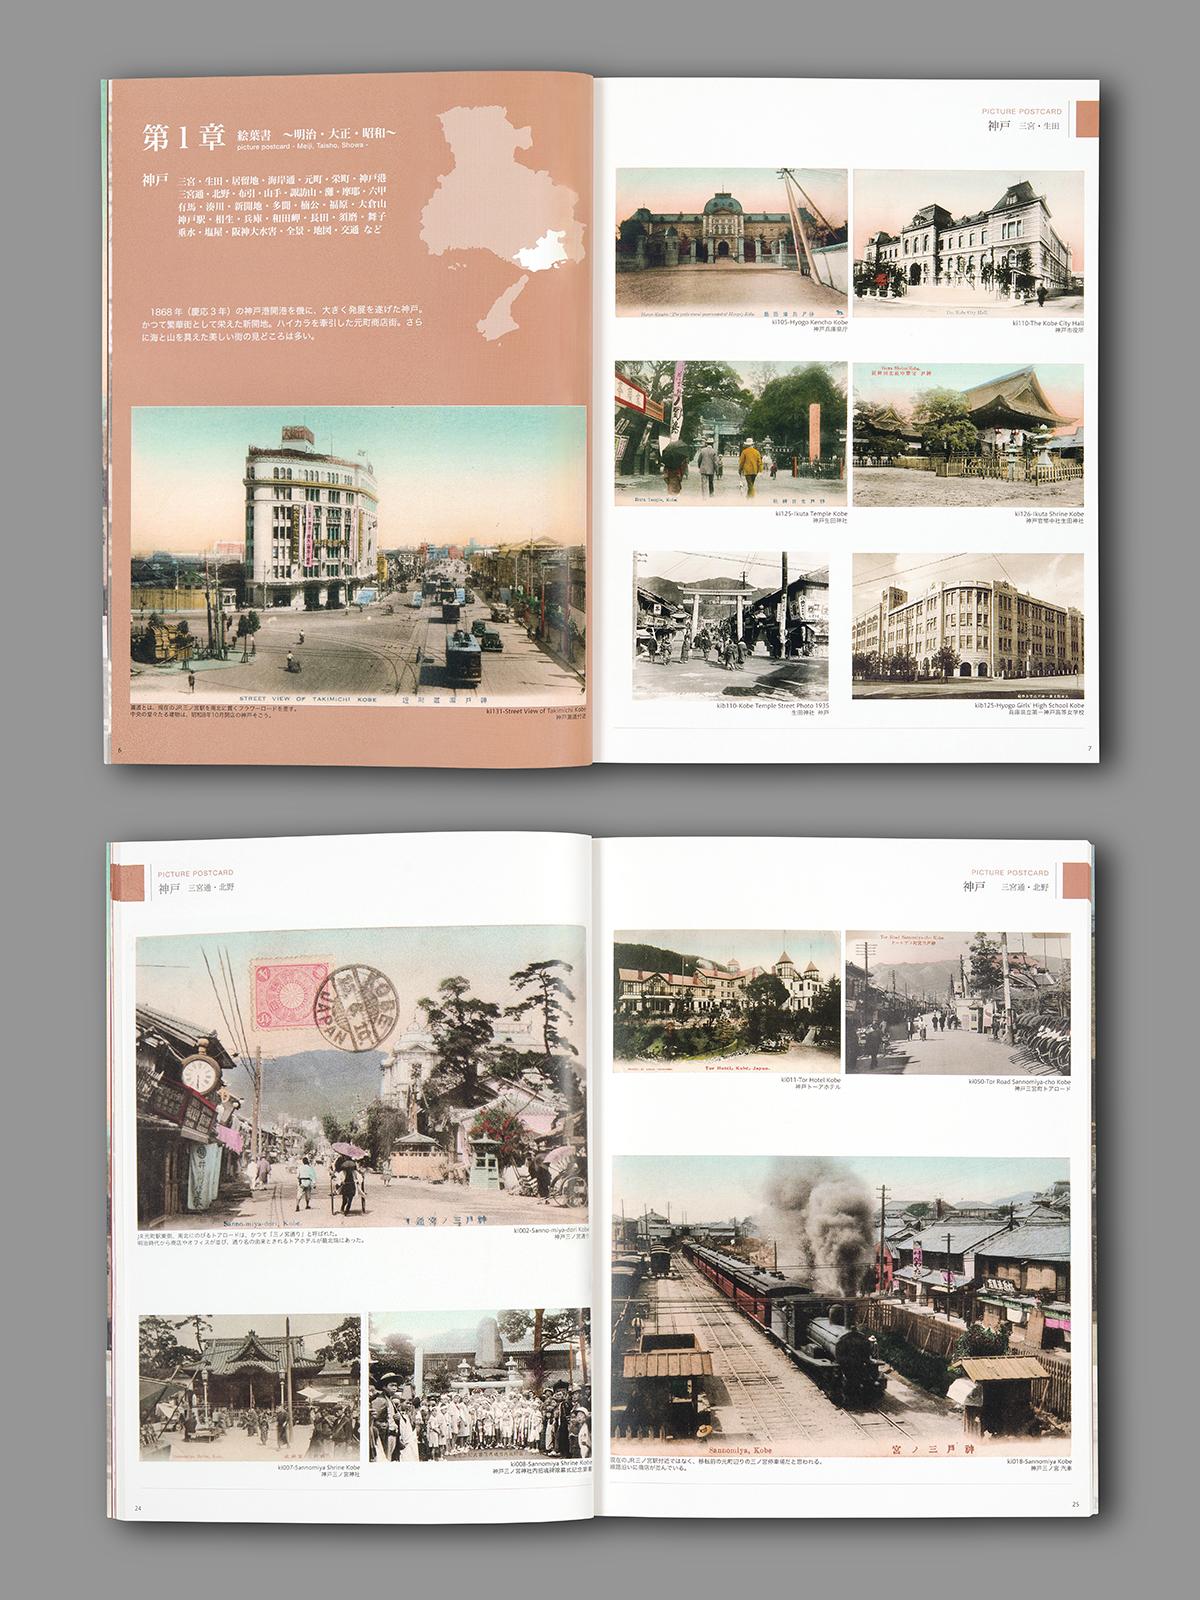 『絵葉書で見るタイムスリップ』神戸市ほか兵庫県編 VOL.1の画像1